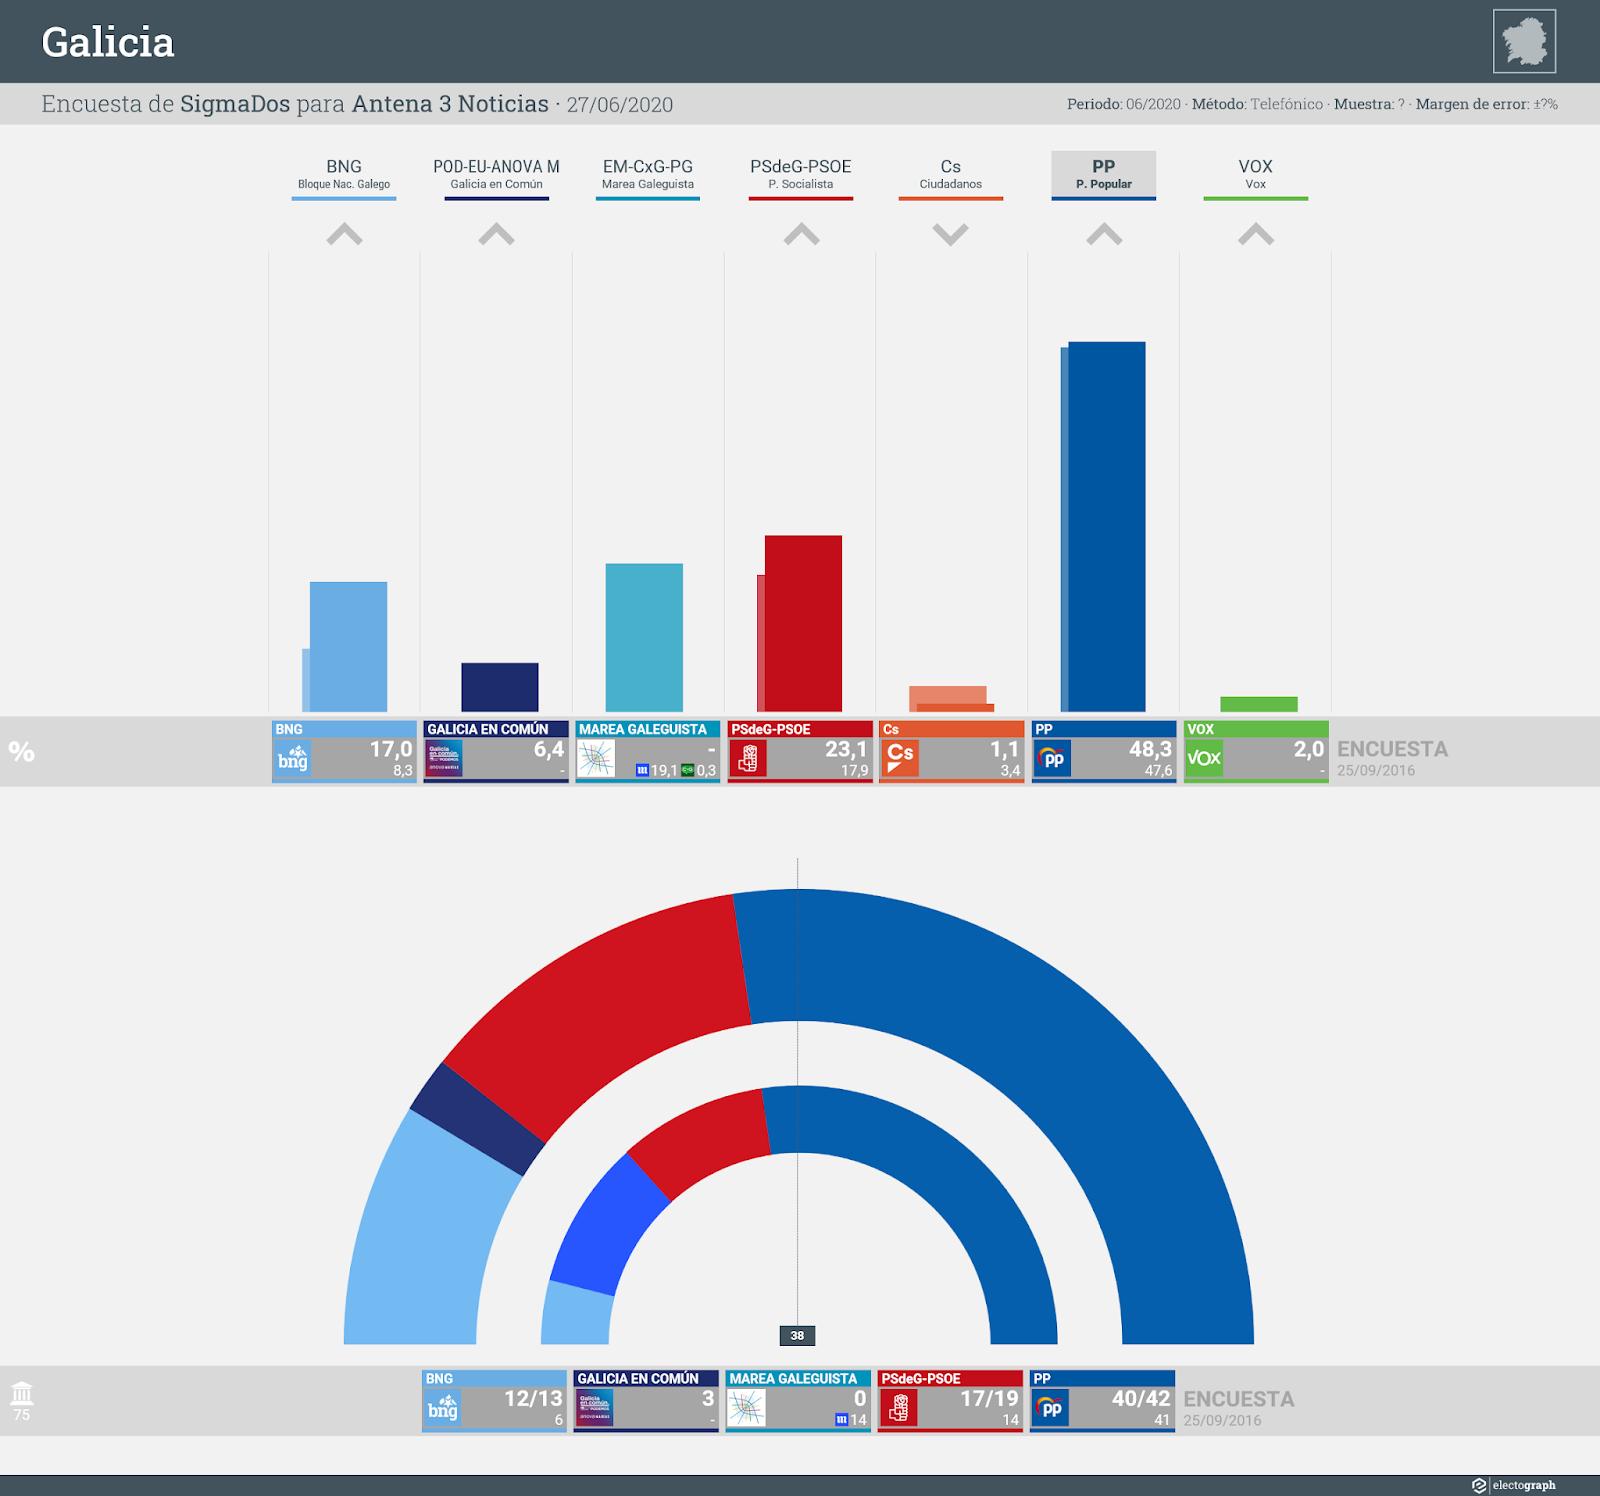 Gráfico de la encuesta para elecciones autonómicas en Galicia realizada por SigmaDos para Antena 3 Noticias, 27 de junio de 2020